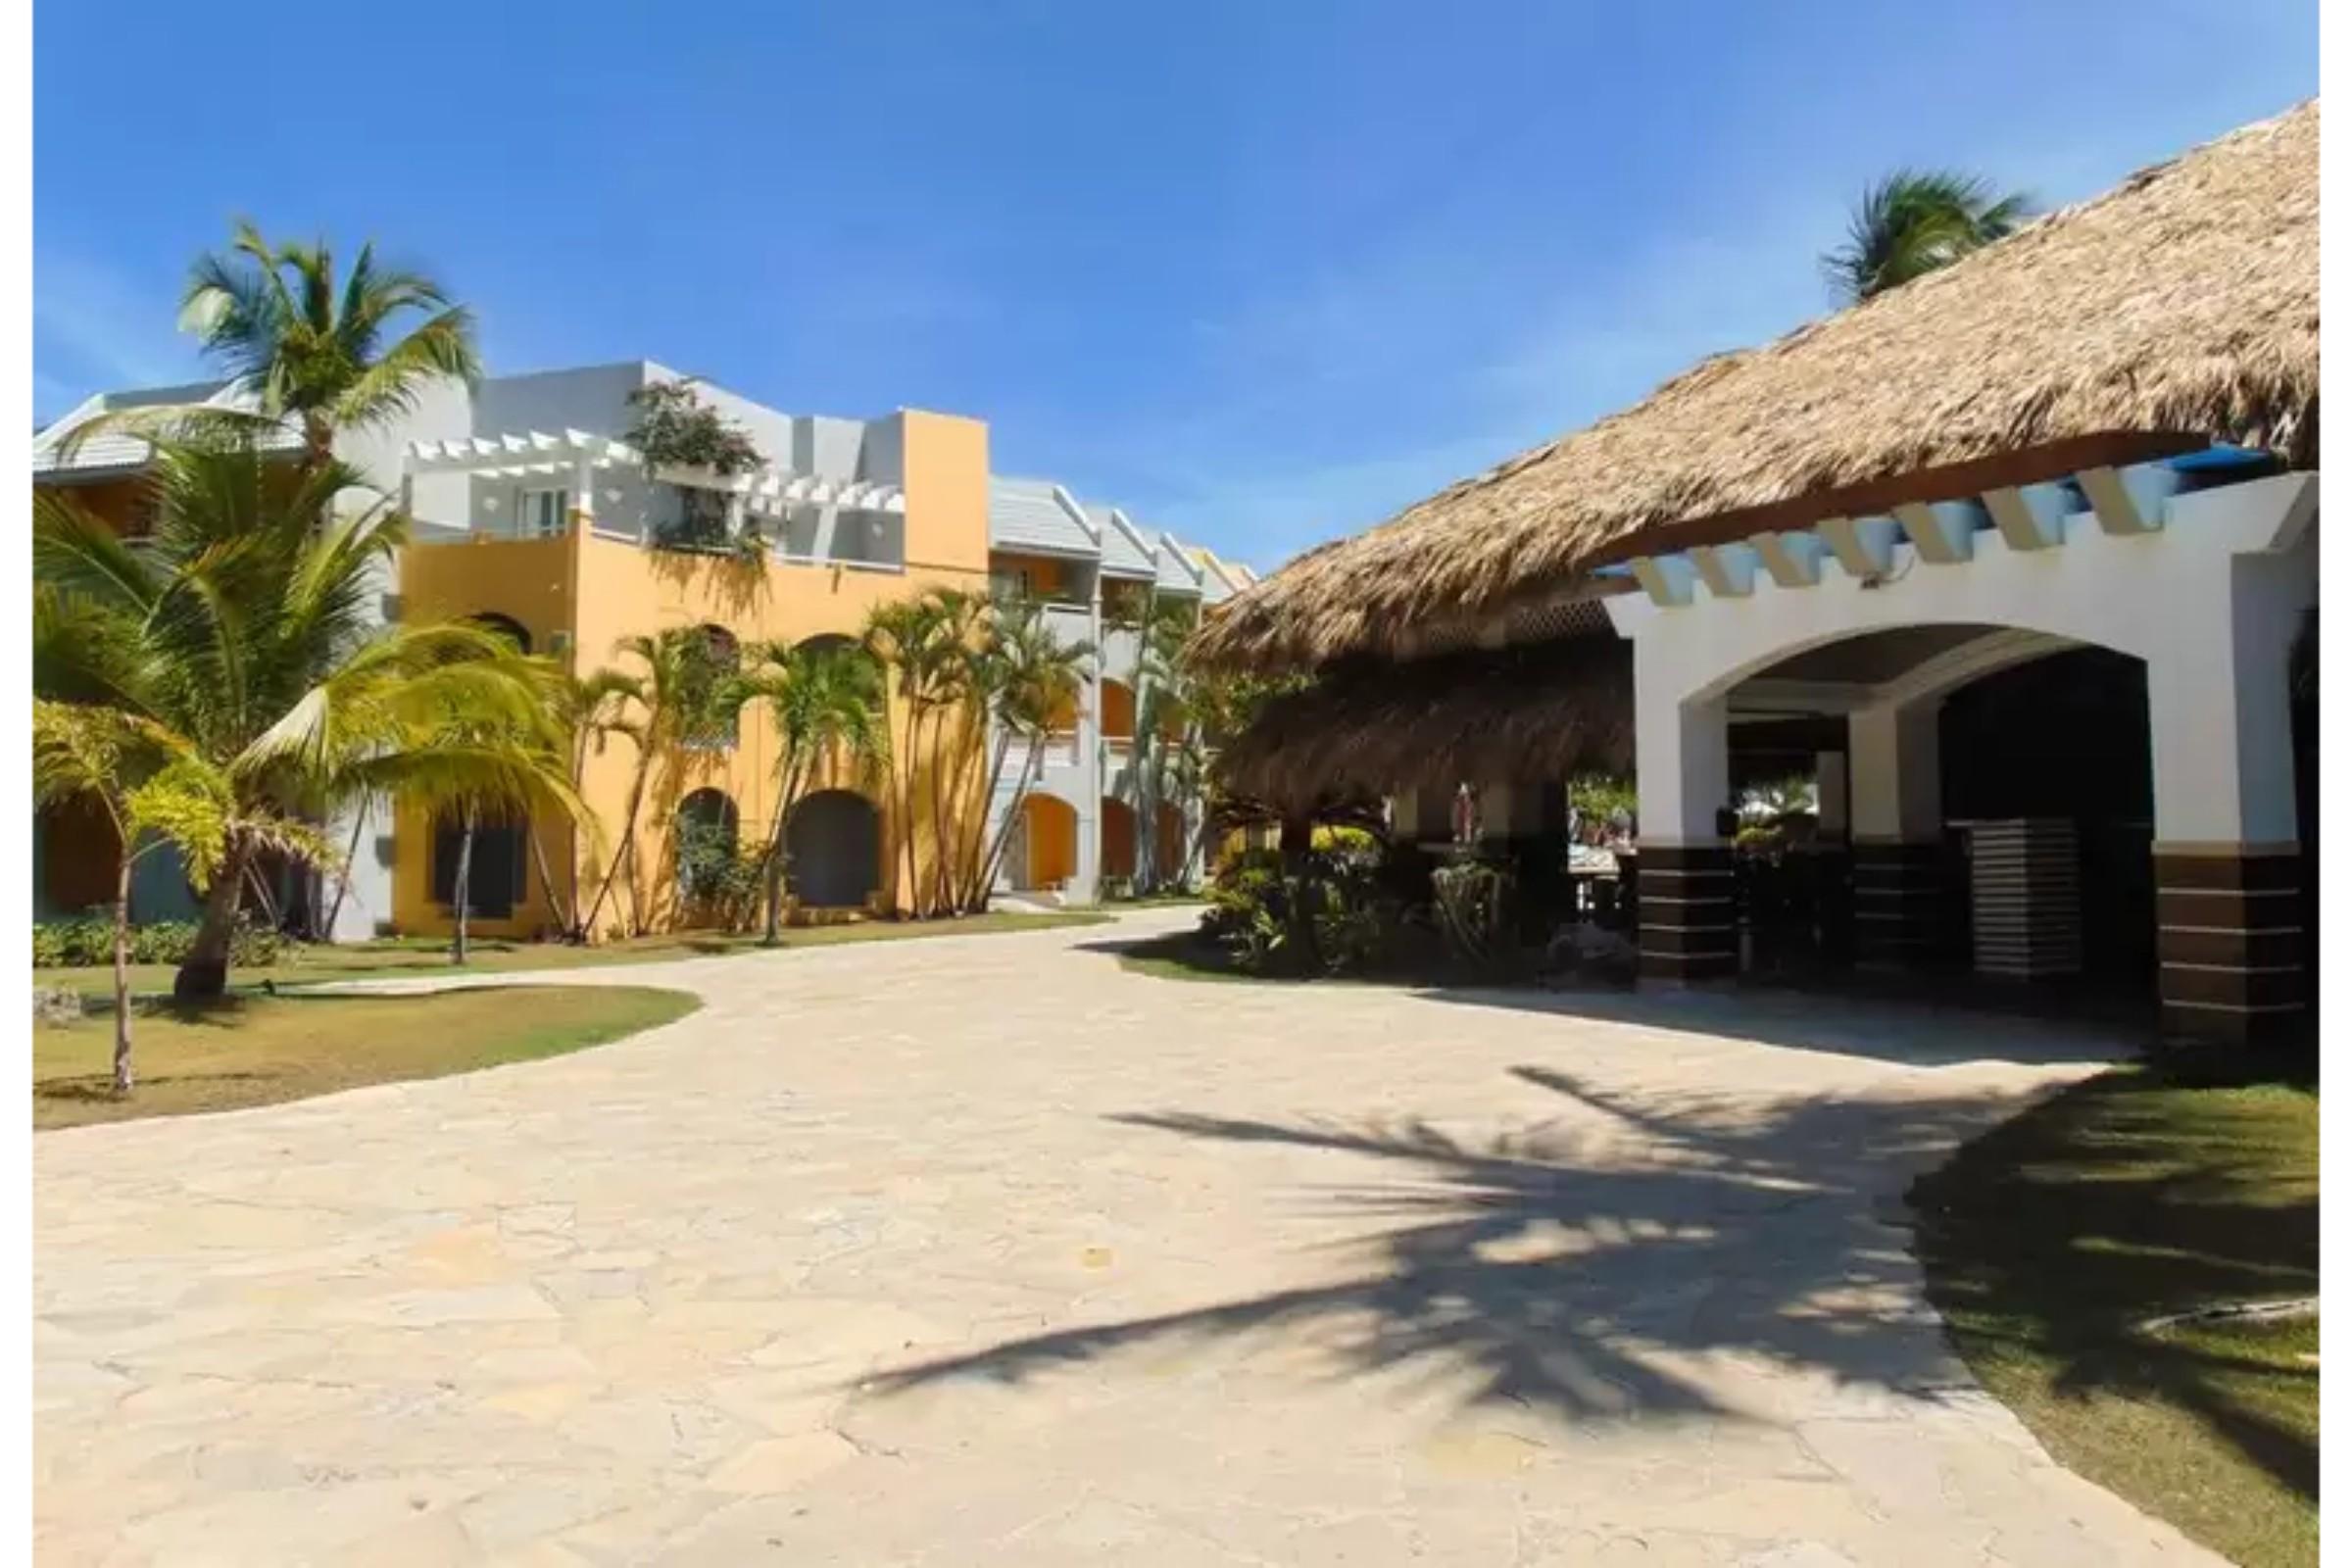 Casa Marina Beach Reef, Sosua